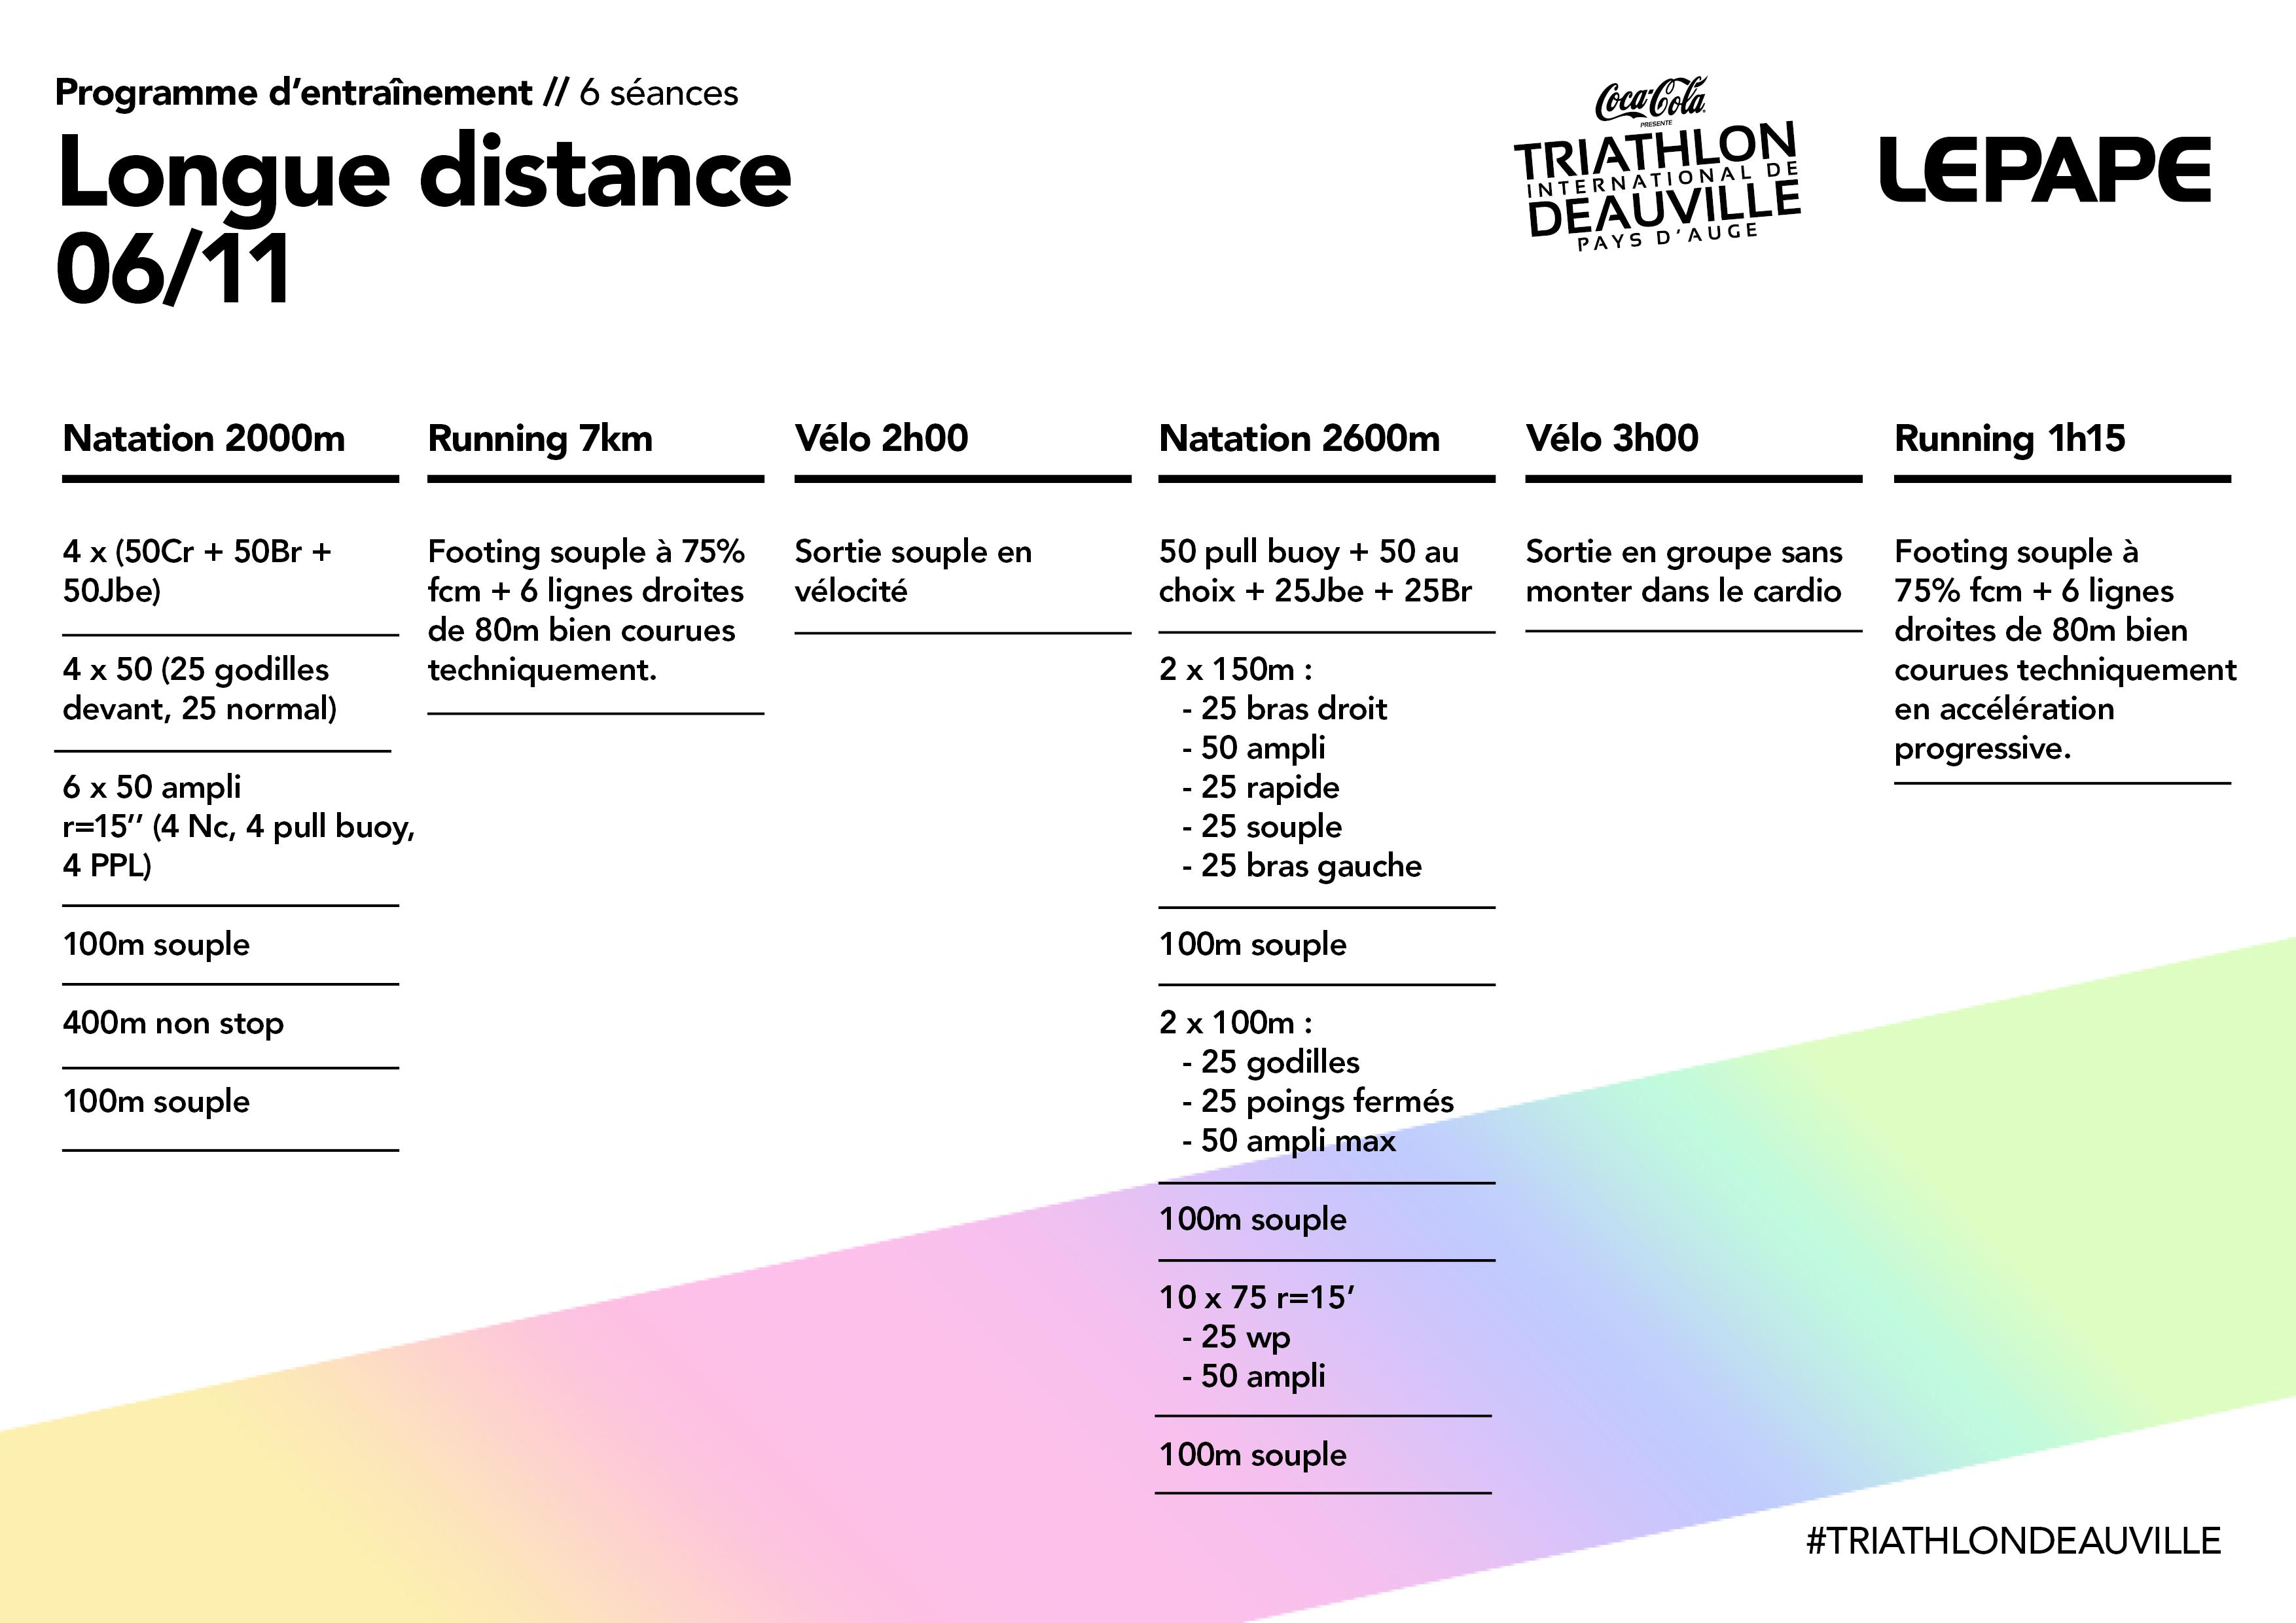 plan d'entrainement Longue distance triathlon de deauville